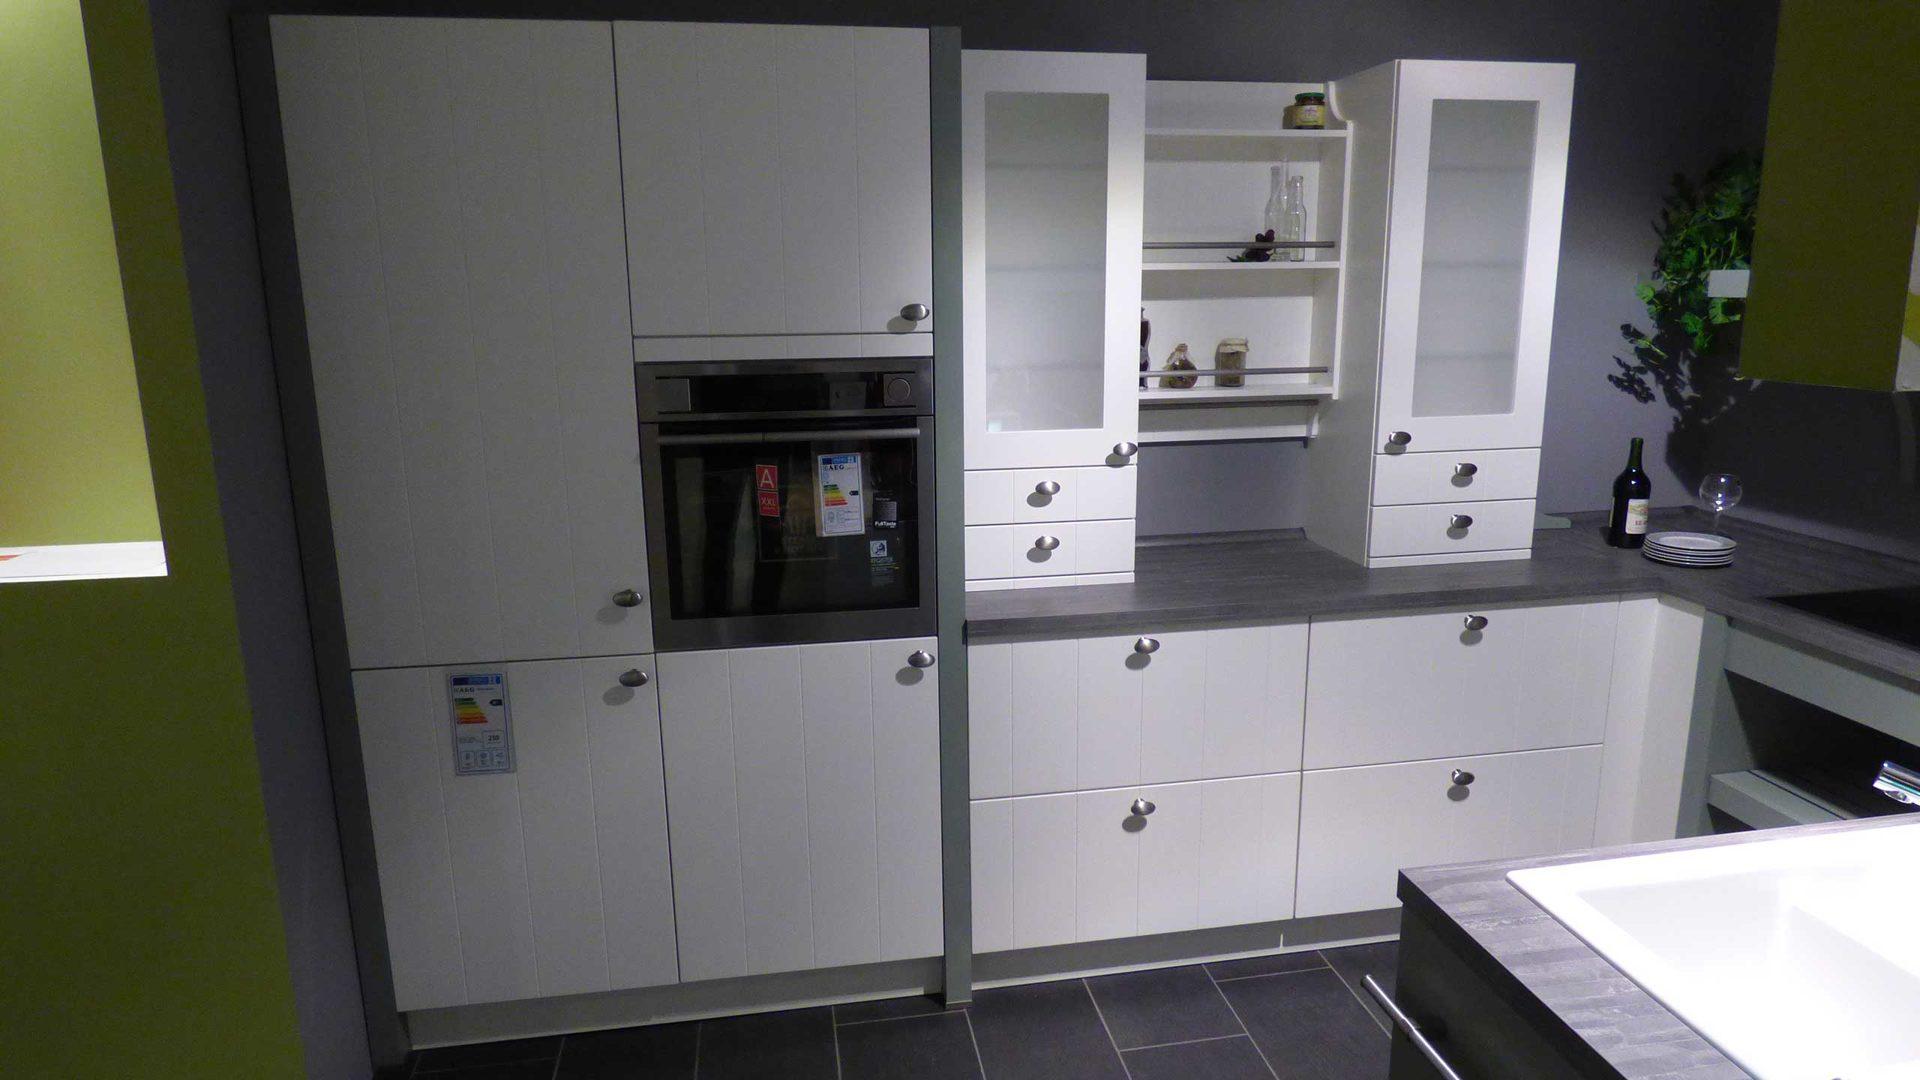 Küchen Bad Homburg möbelland hochtaunus bad homburg bei frankfurt räume küche